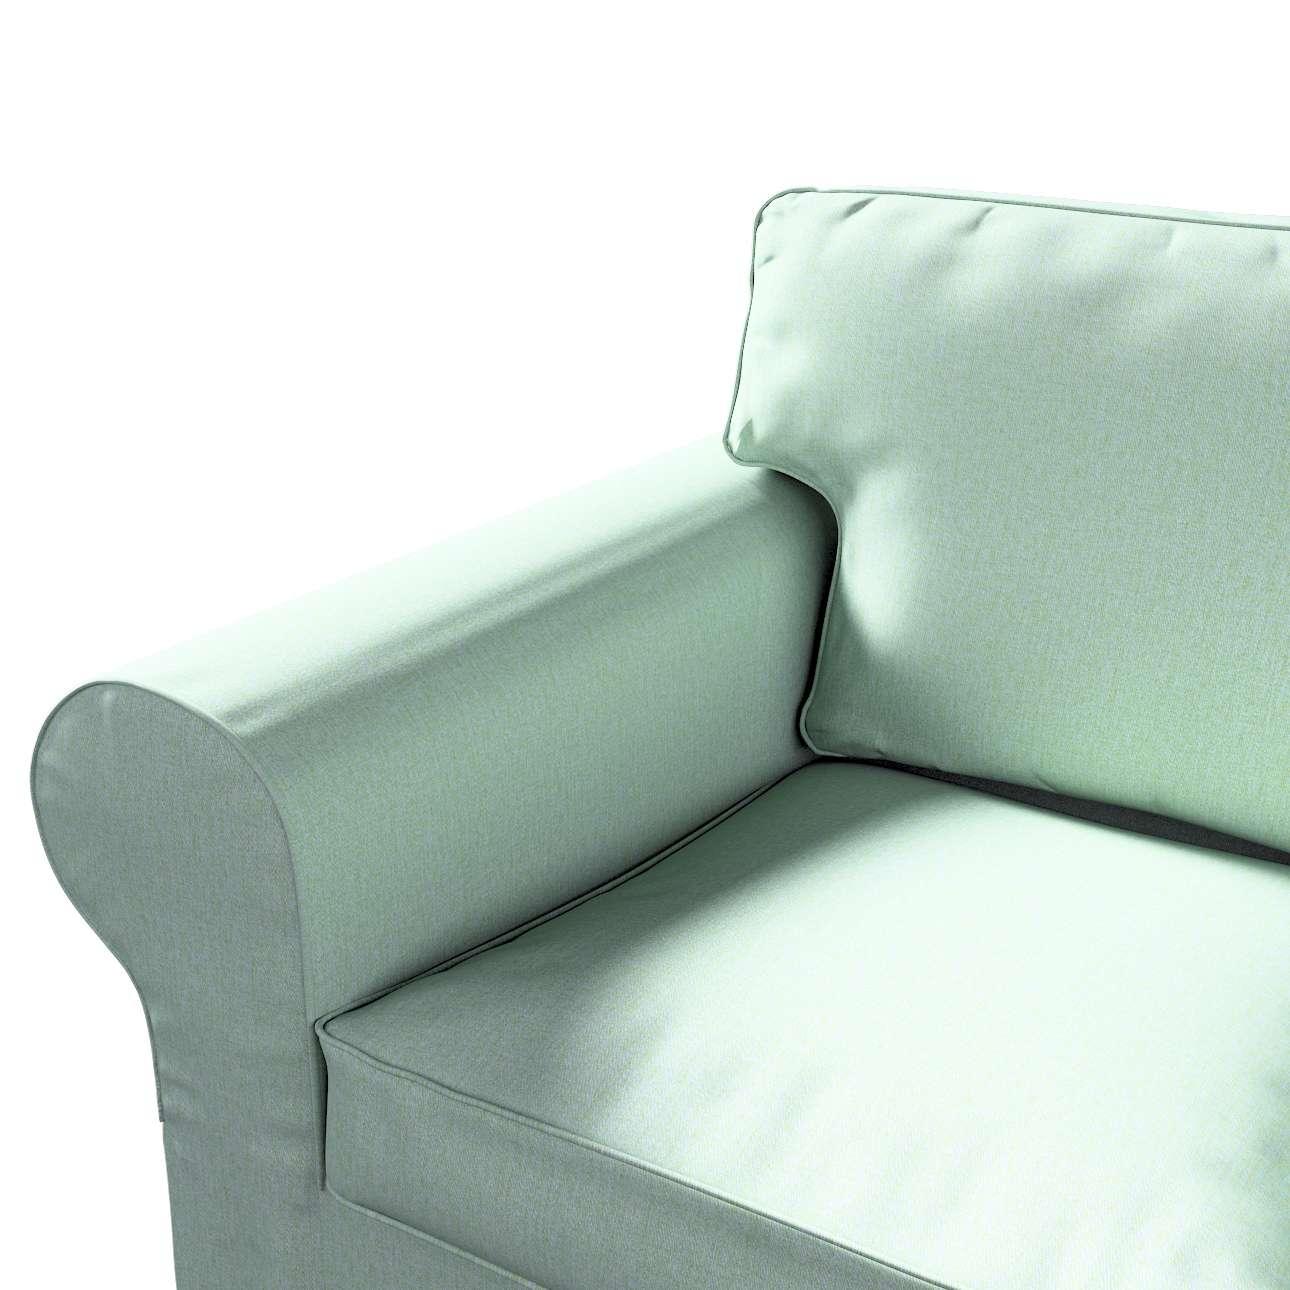 Pokrowiec na sofę Ektorp 2-osobową rozkładaną, model po 2012 w kolekcji Living, tkanina: 161-61